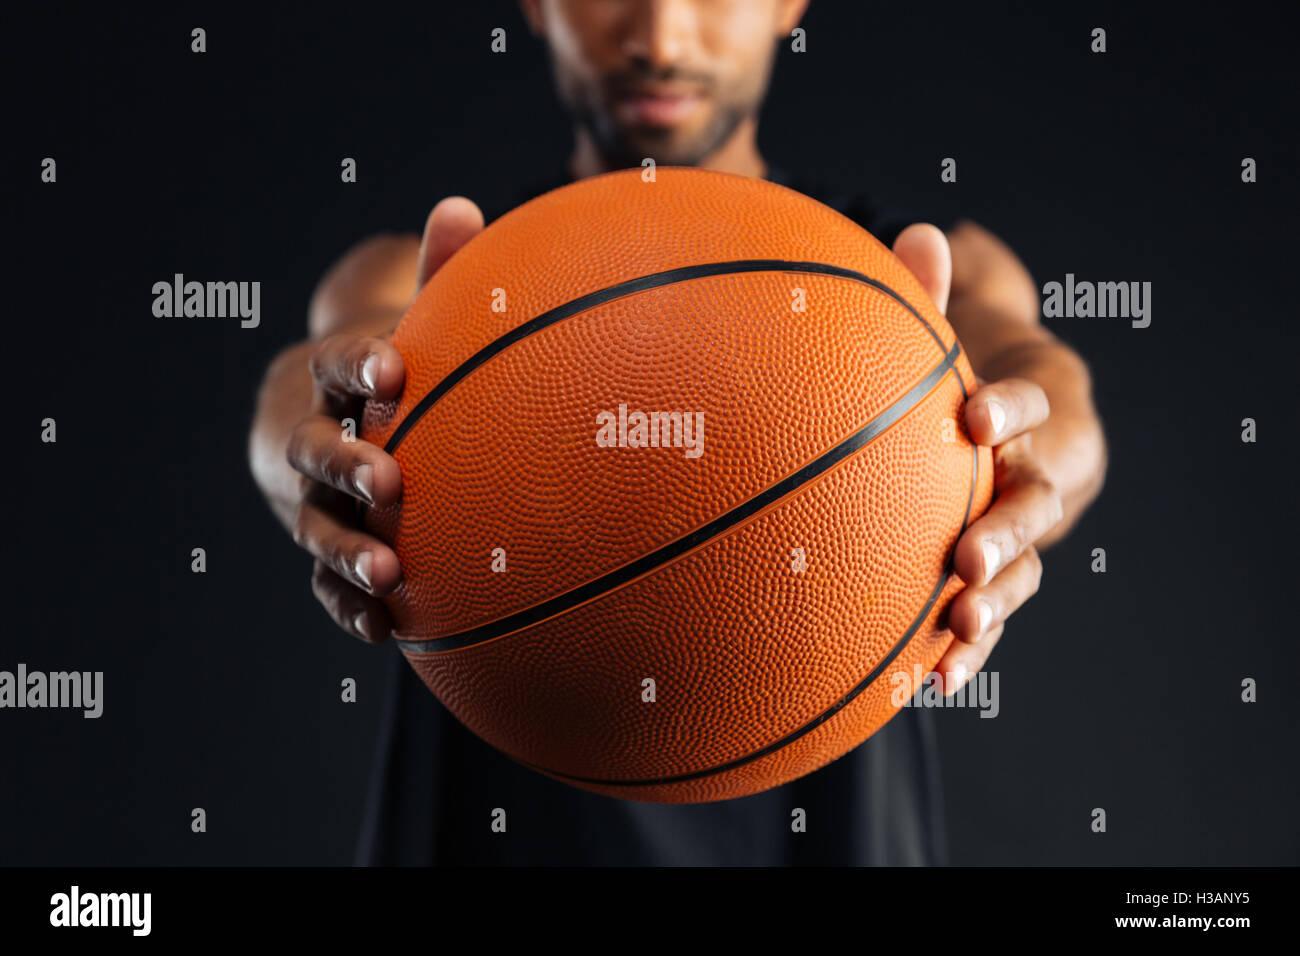 Portrait d'un jeune joueur de basket ball africain donnant isolé sur fond noir Photo Stock